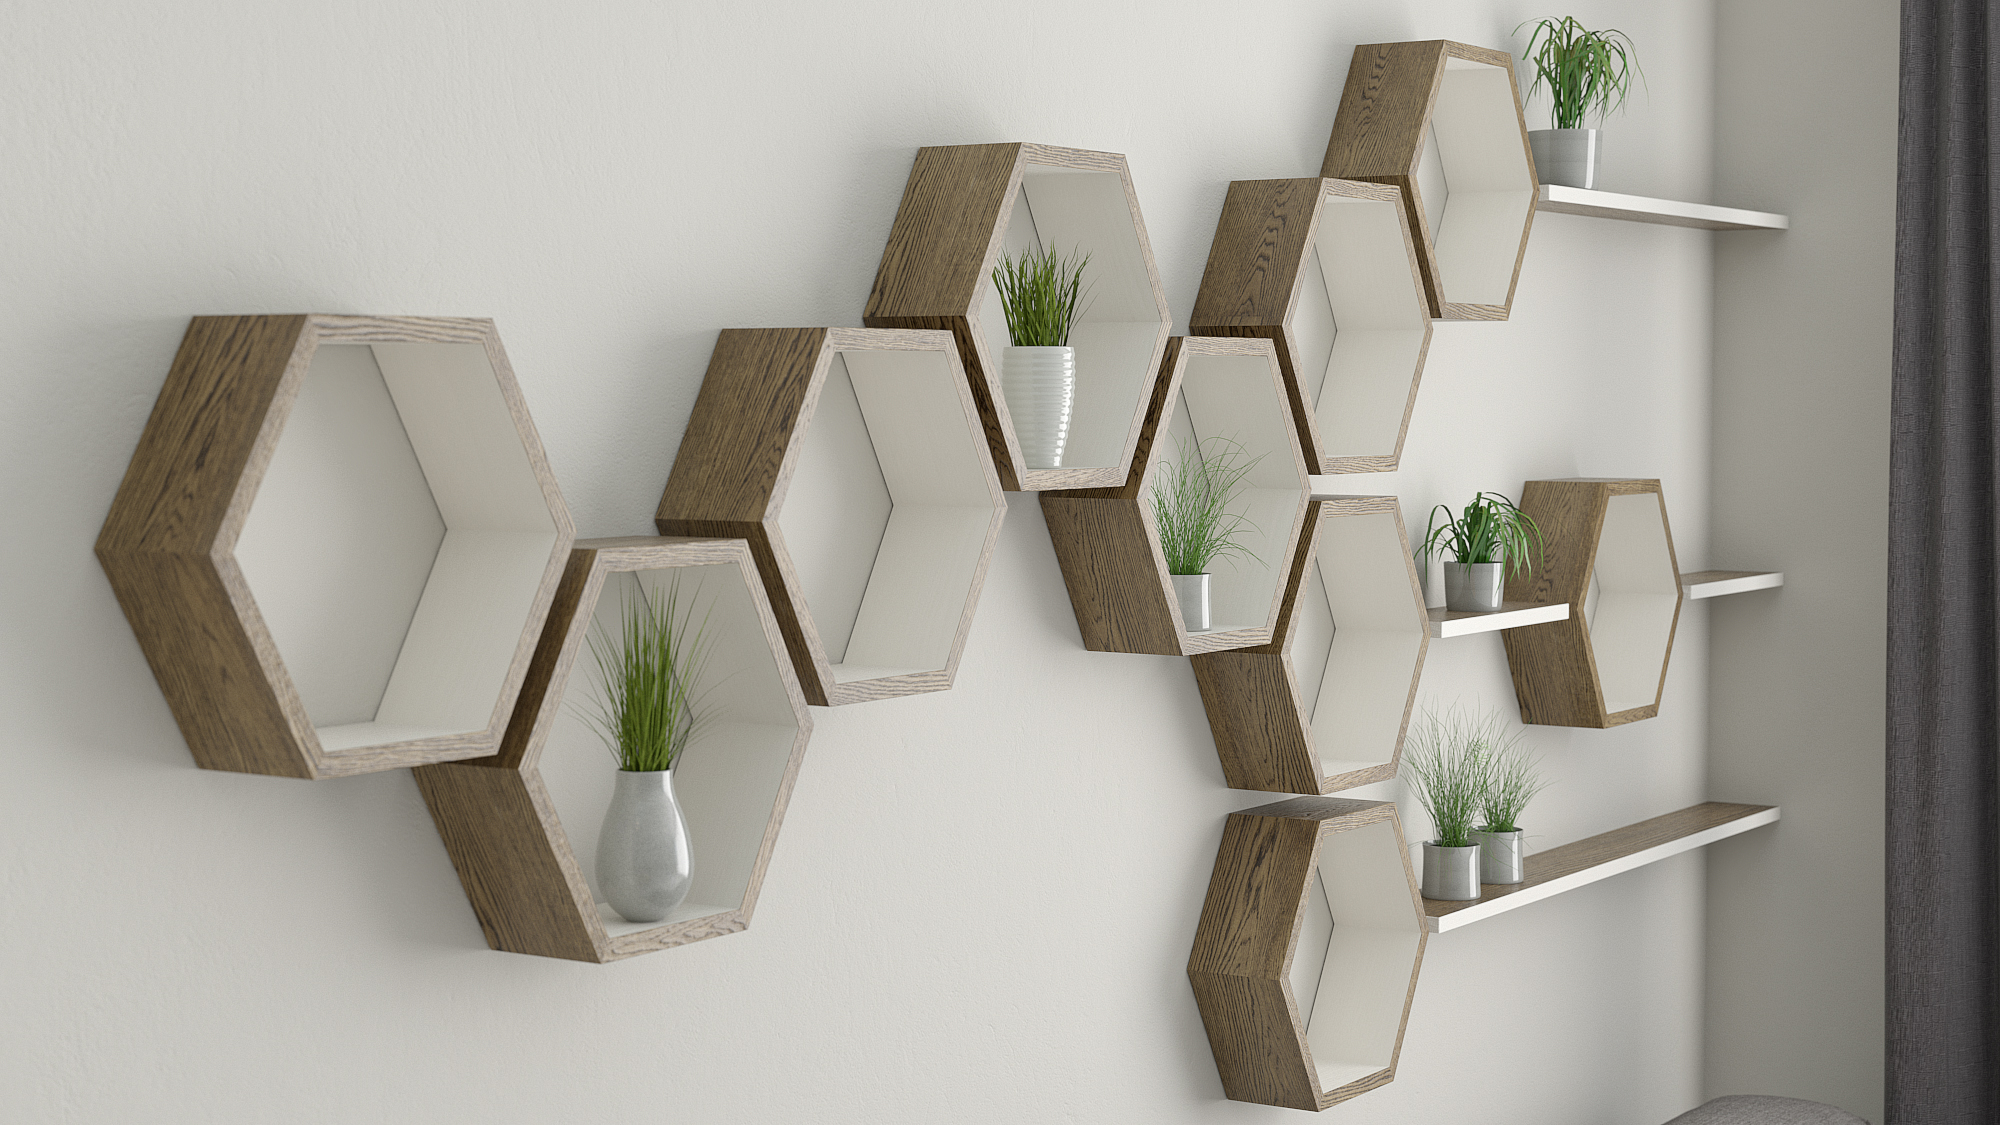 Hexagon Wall Shelves Ideas